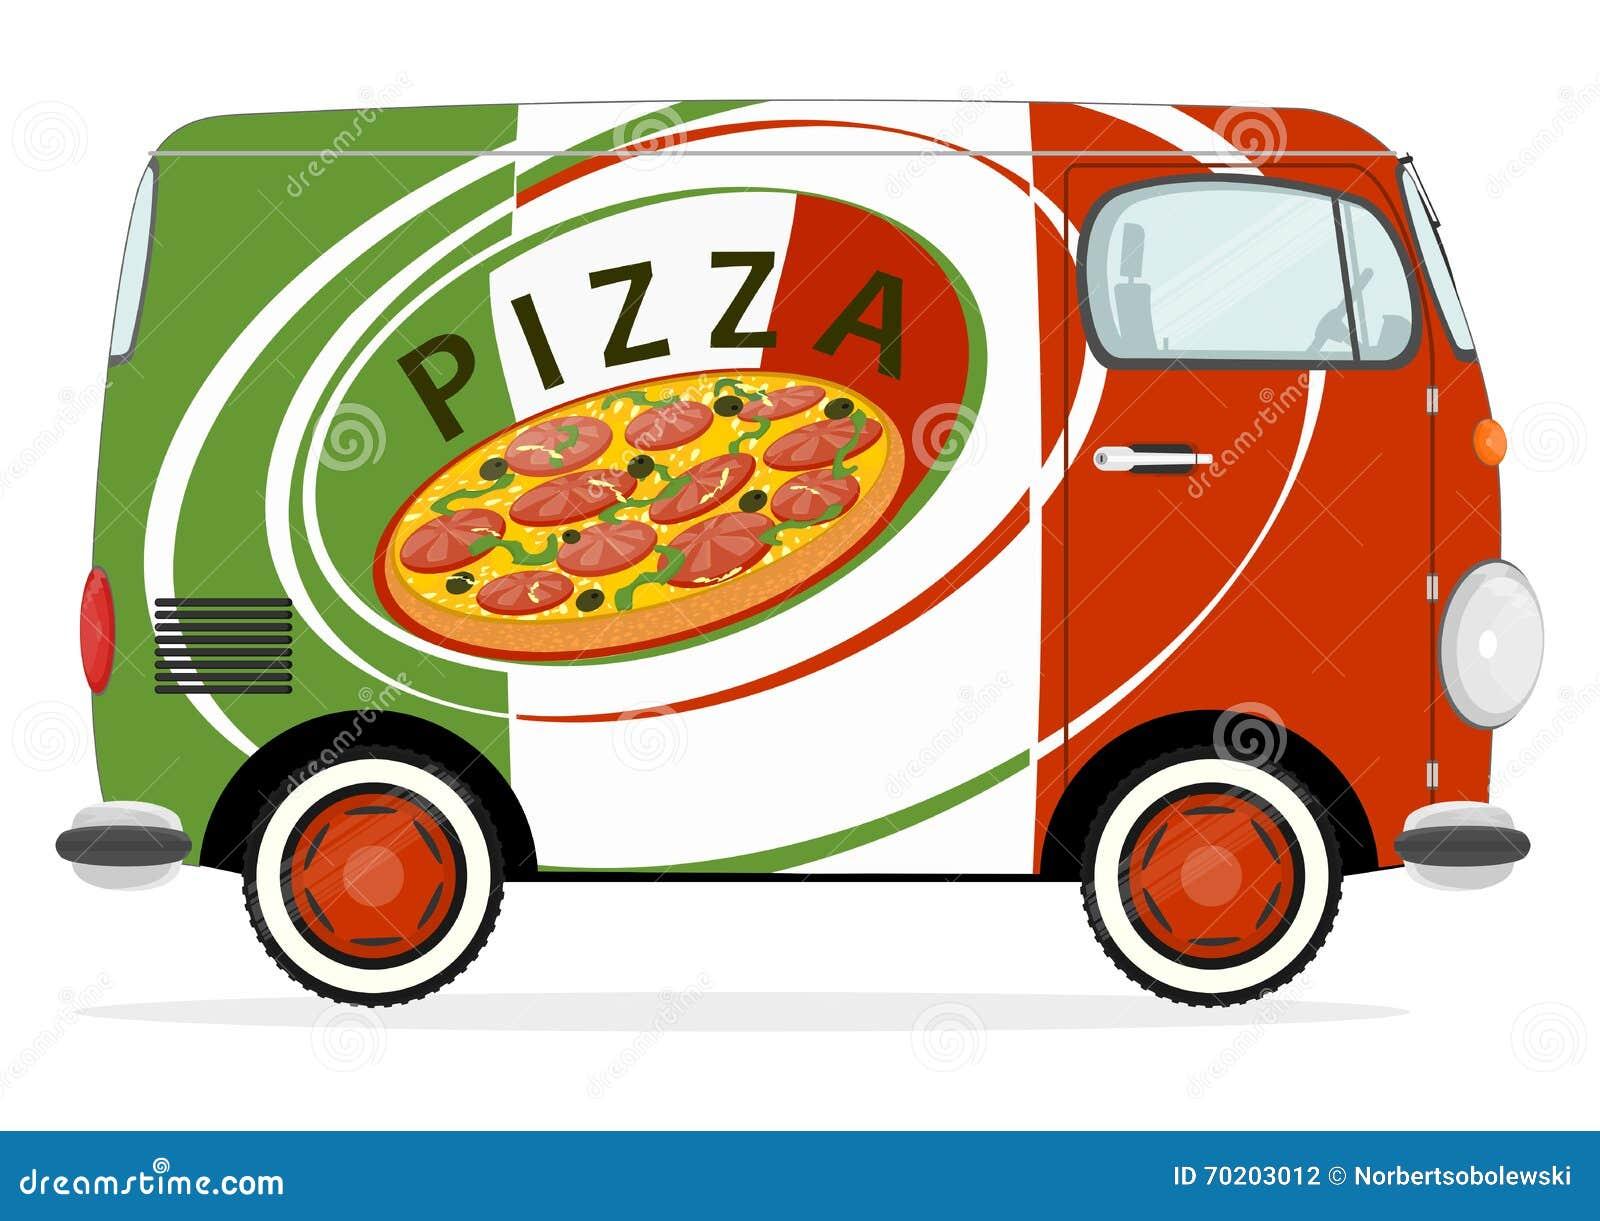 Voiture de livraison de pizza illustration de vecteur - Livraison troyes pizza ...